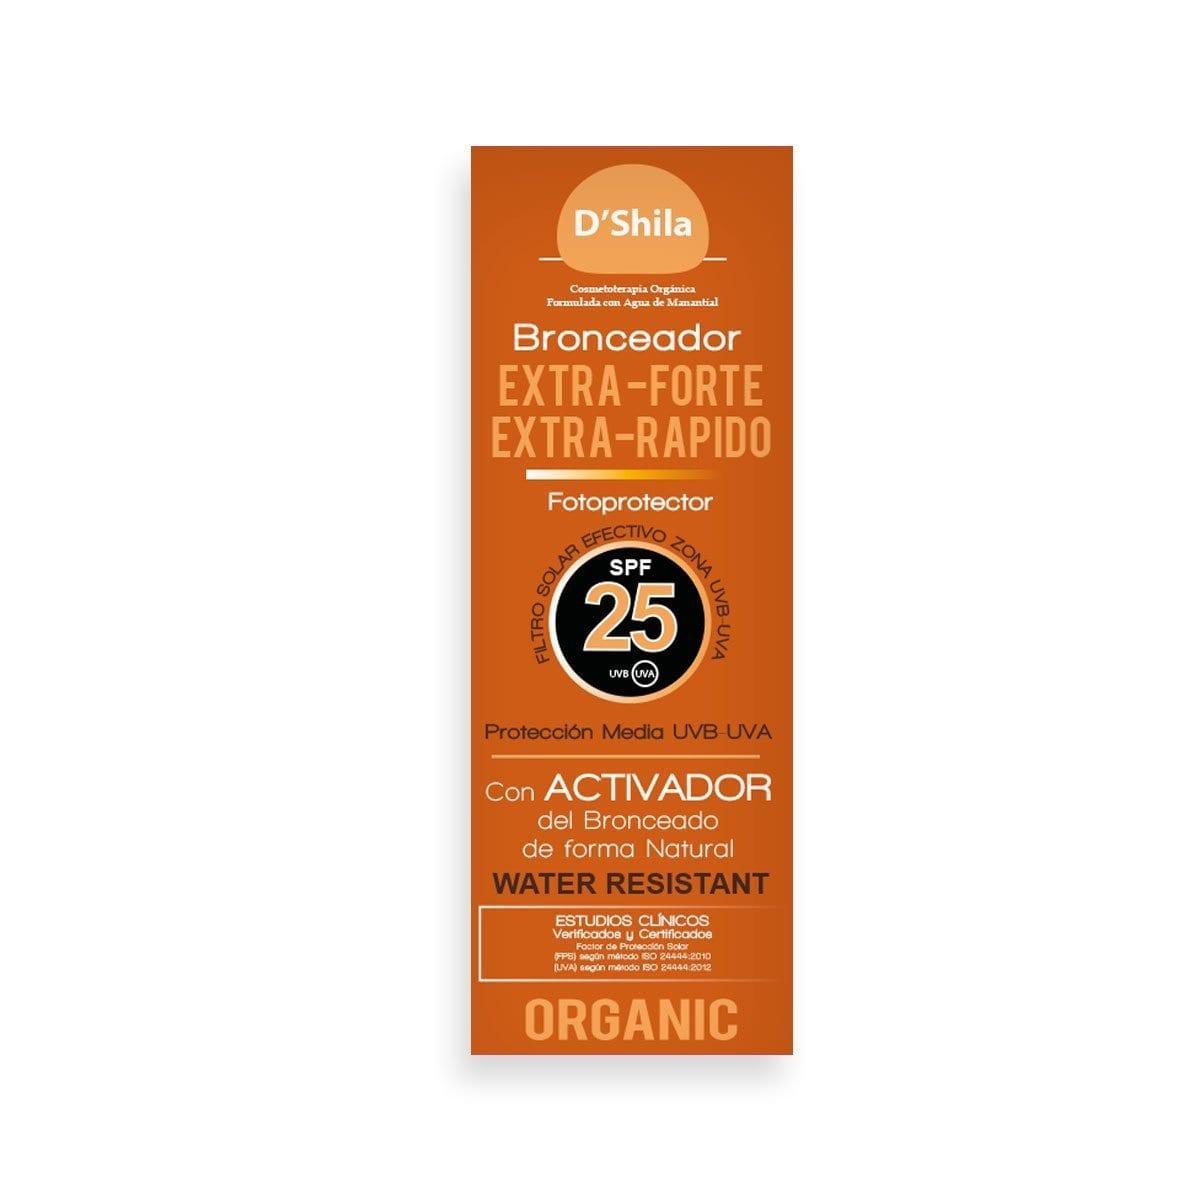 FOTOPROTECTOR BRONCEADOR SPF 25 EXTRA-FORTE EXTRA-RÁPIDO* Activador del bronceado de forma natural